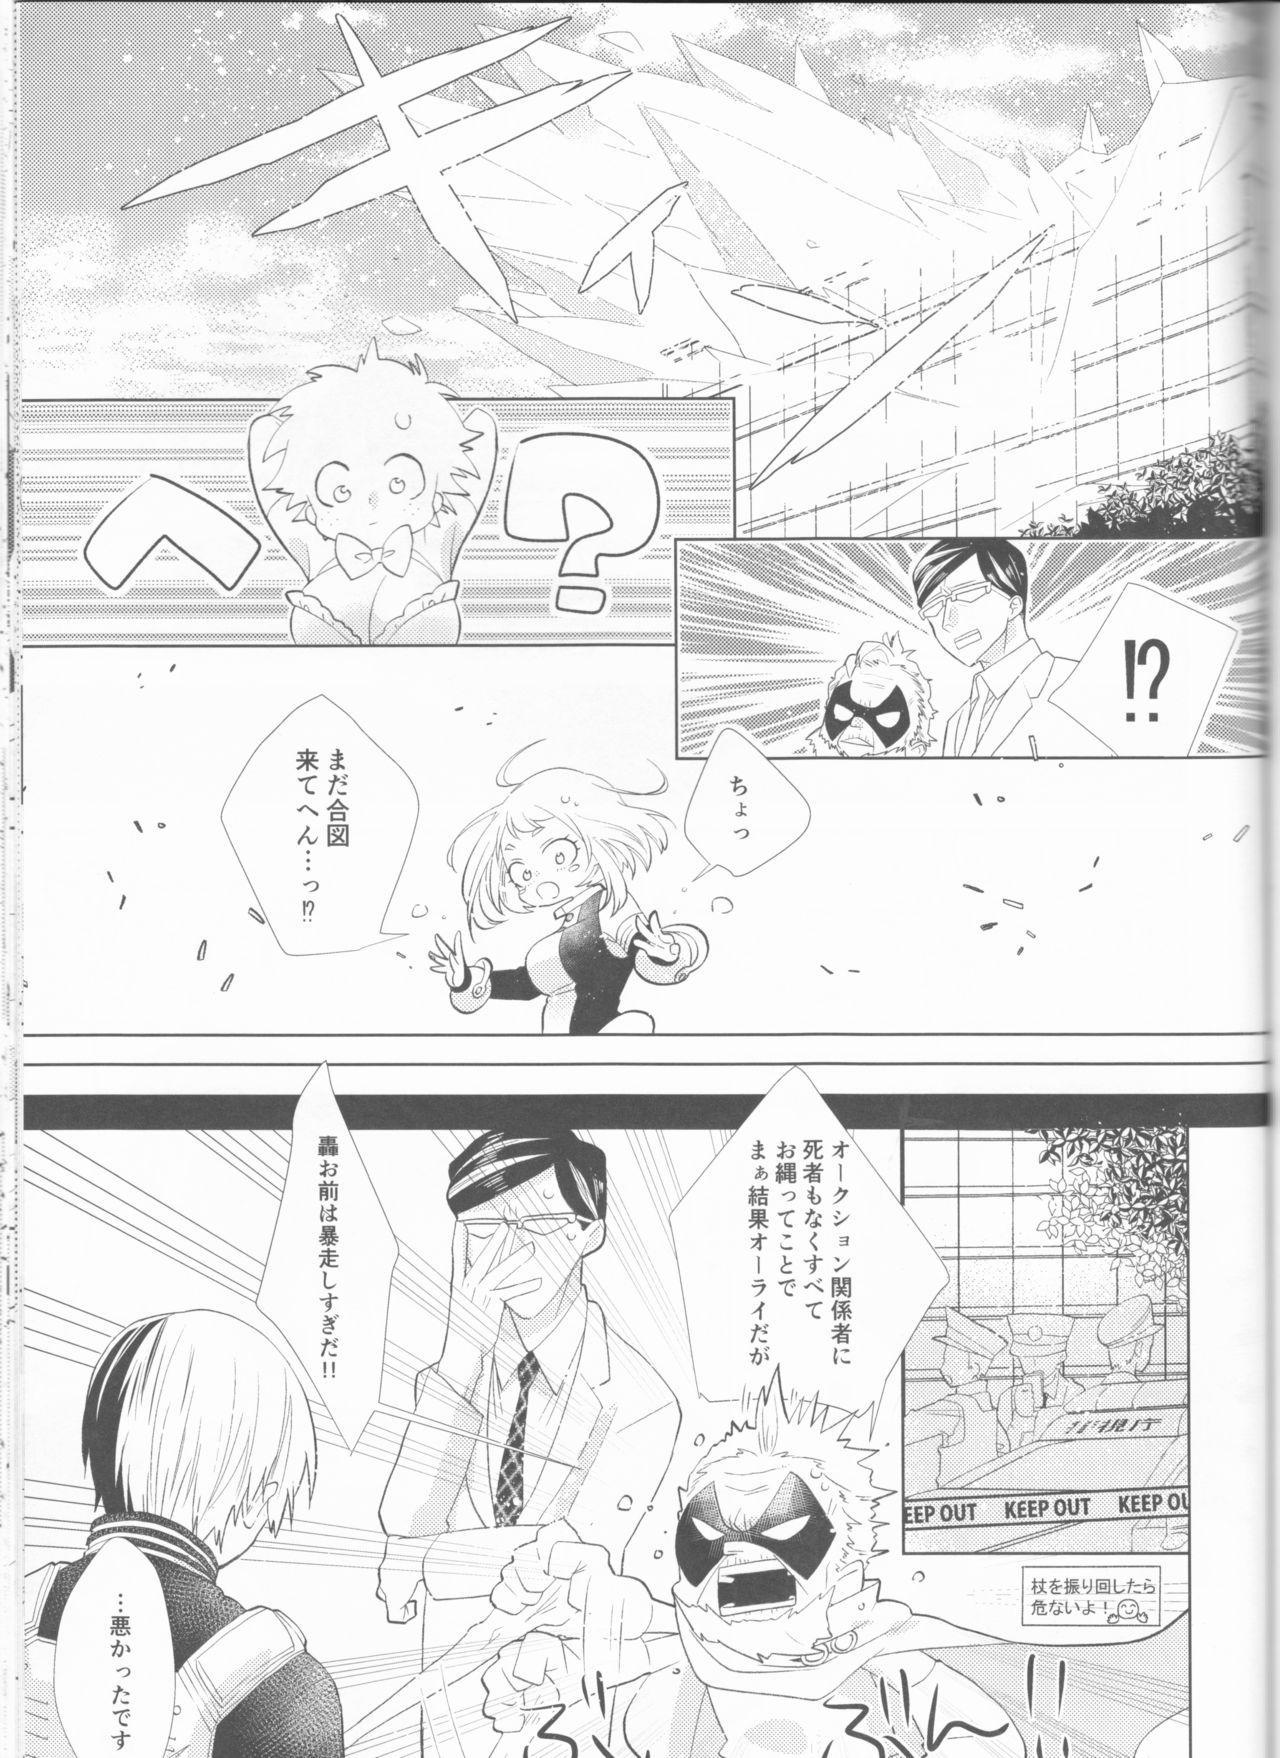 Sangatsu Usagi no Himegoto 11